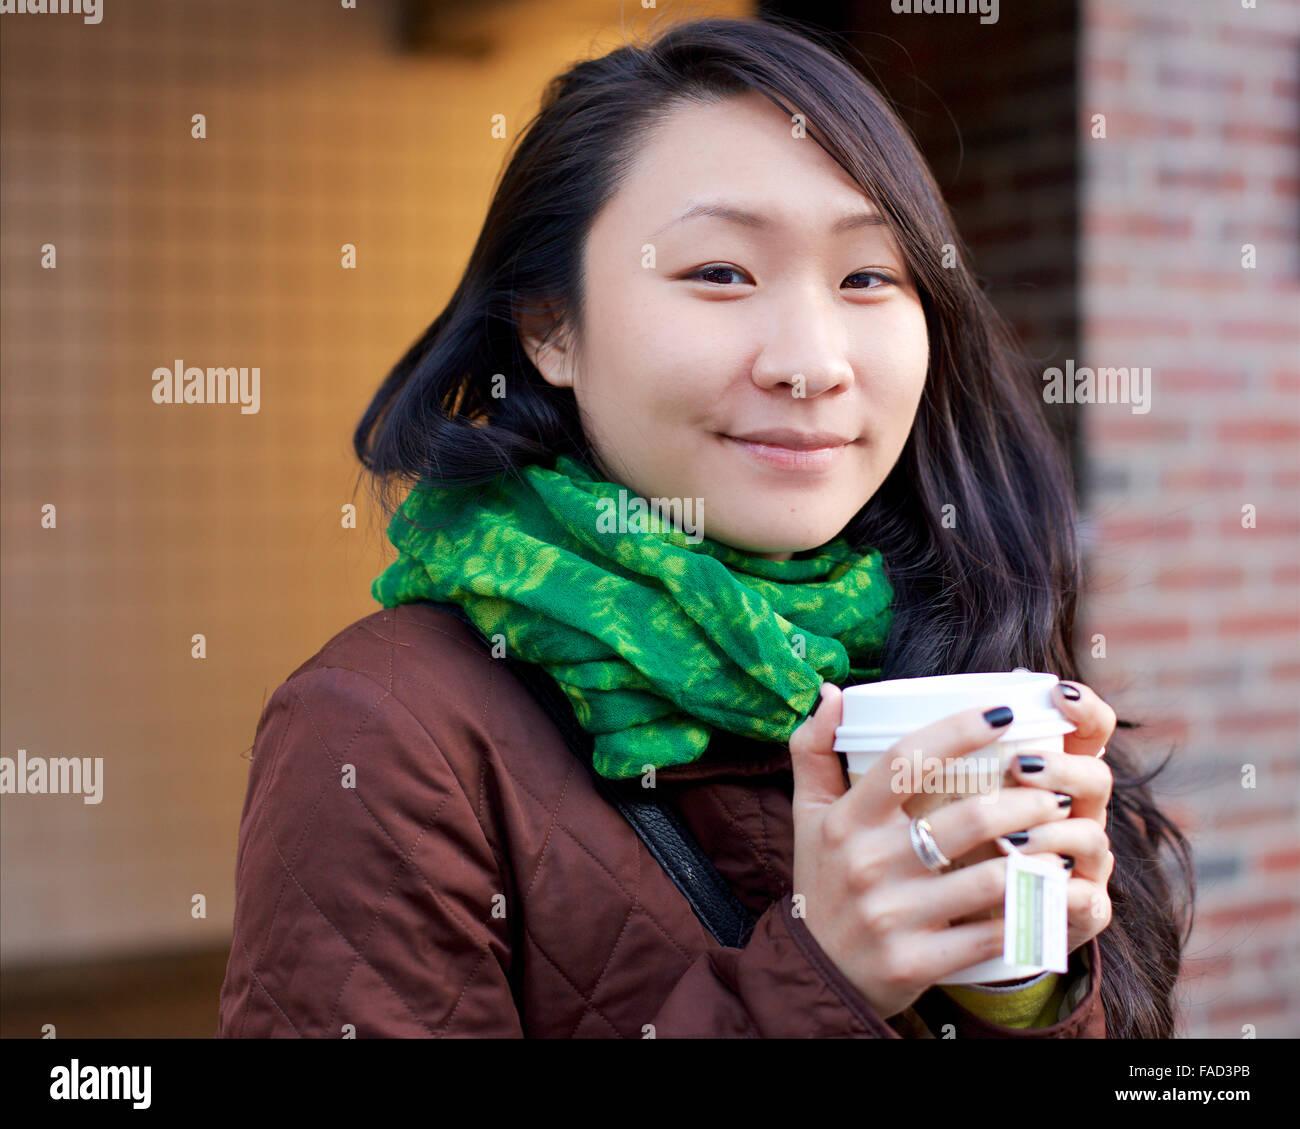 Junge asiatische Frau lächelt in die Kamera, während ihre Hände mit Tee in einen Pappbecher in den Winter-Straßen Stockfoto